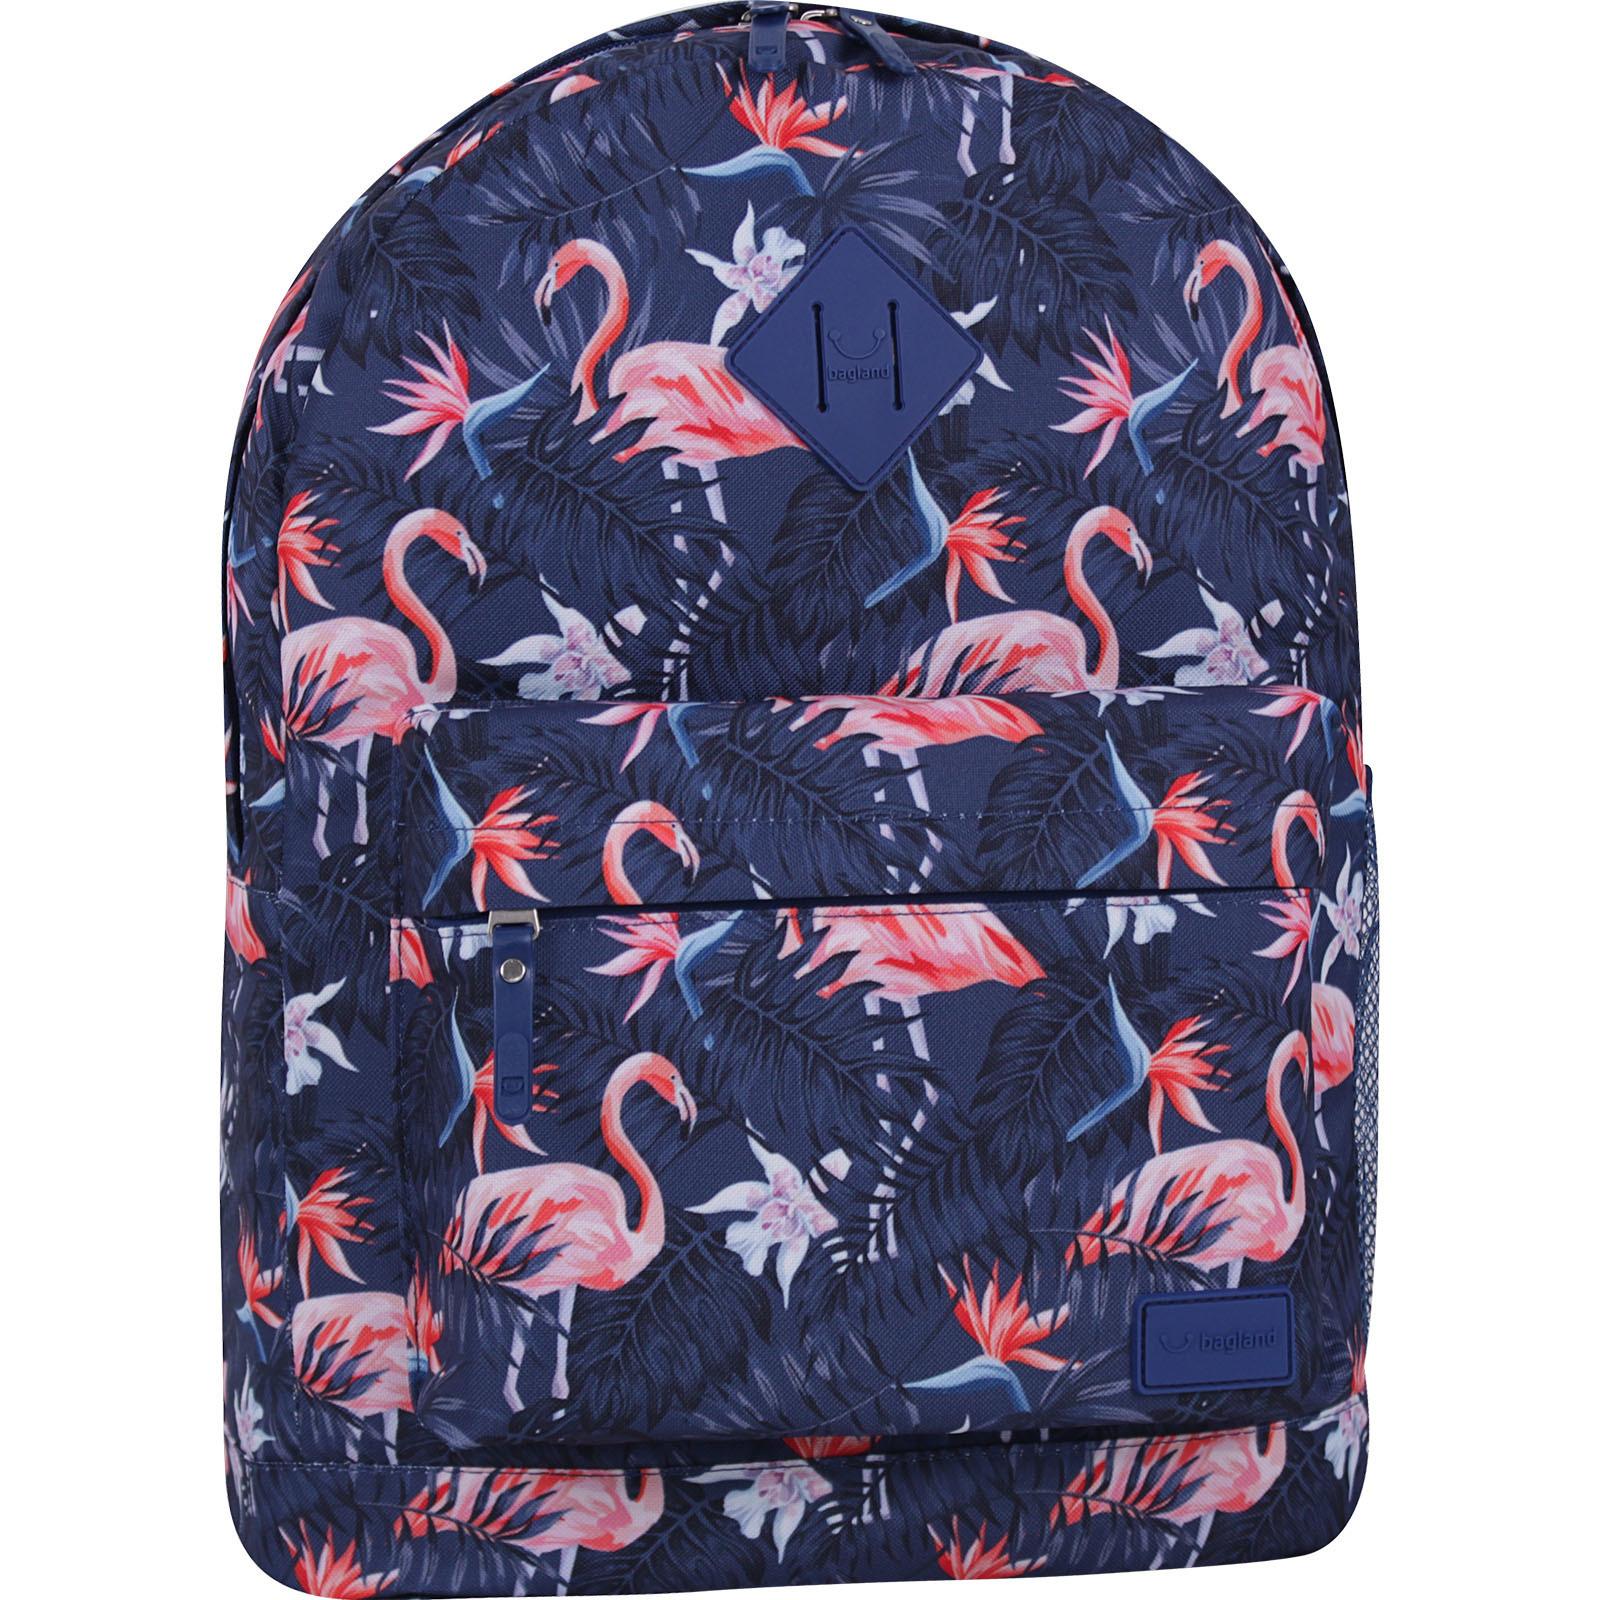 Молодежные рюкзаки Рюкзак Bagland Молодежный 17 л. сублімація 762 (00533664) IMG_7490_суб762_-1600.jpg